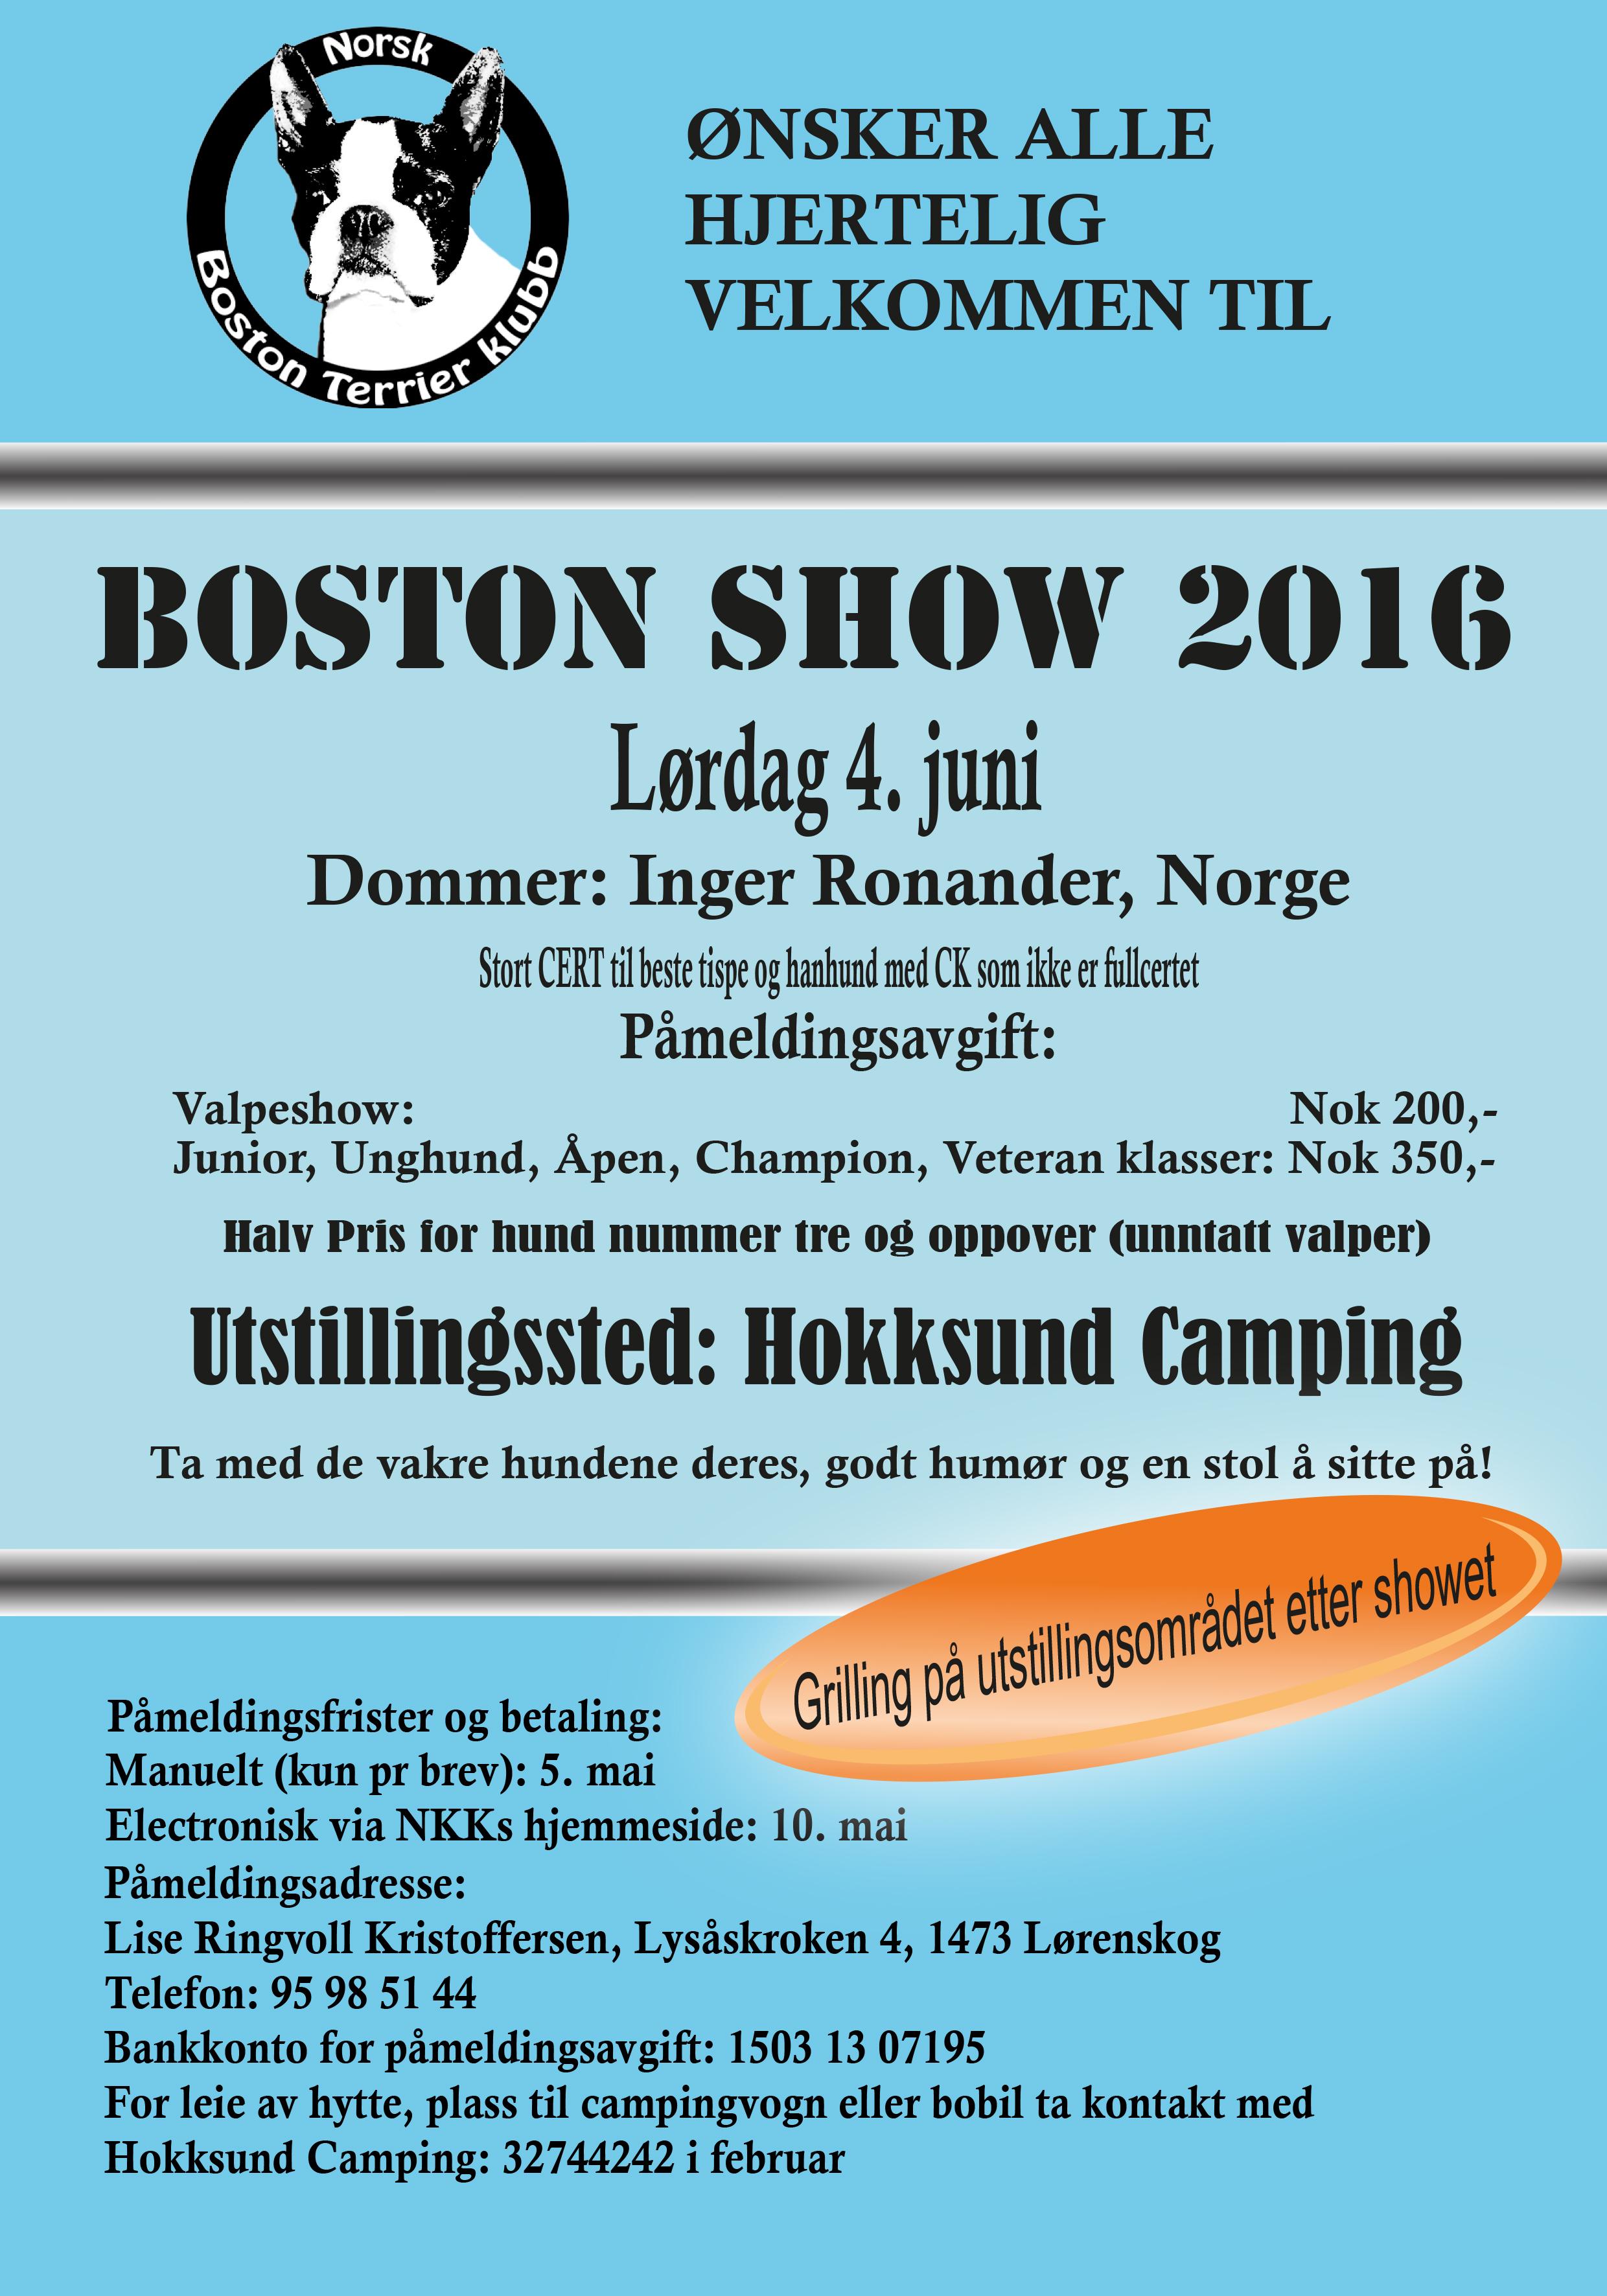 Annonse NBTK NORSK 2016